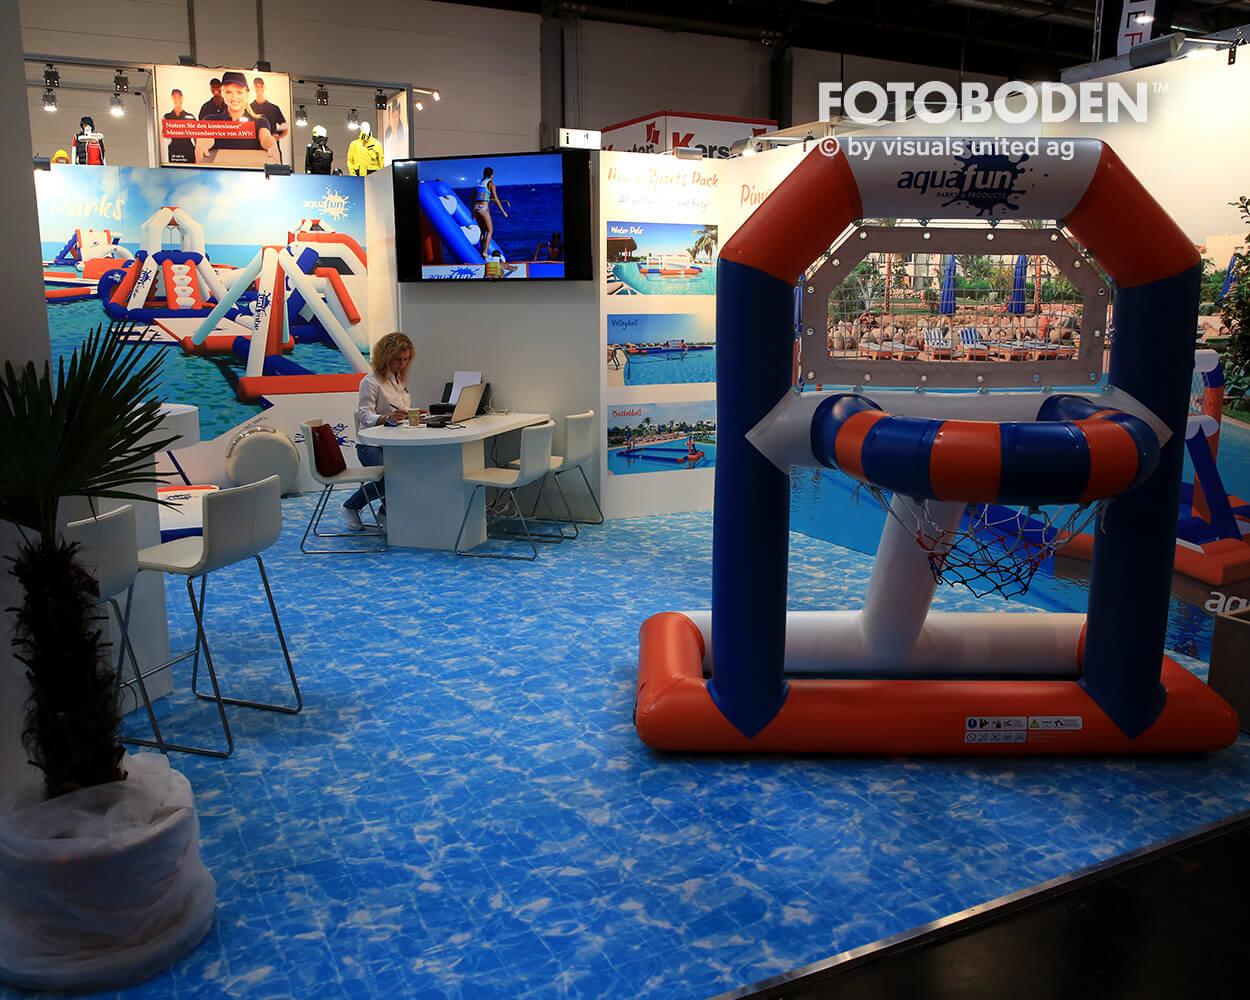 FOTOBODEN™ Bodengestaltung Indoor Kinderspielplatz